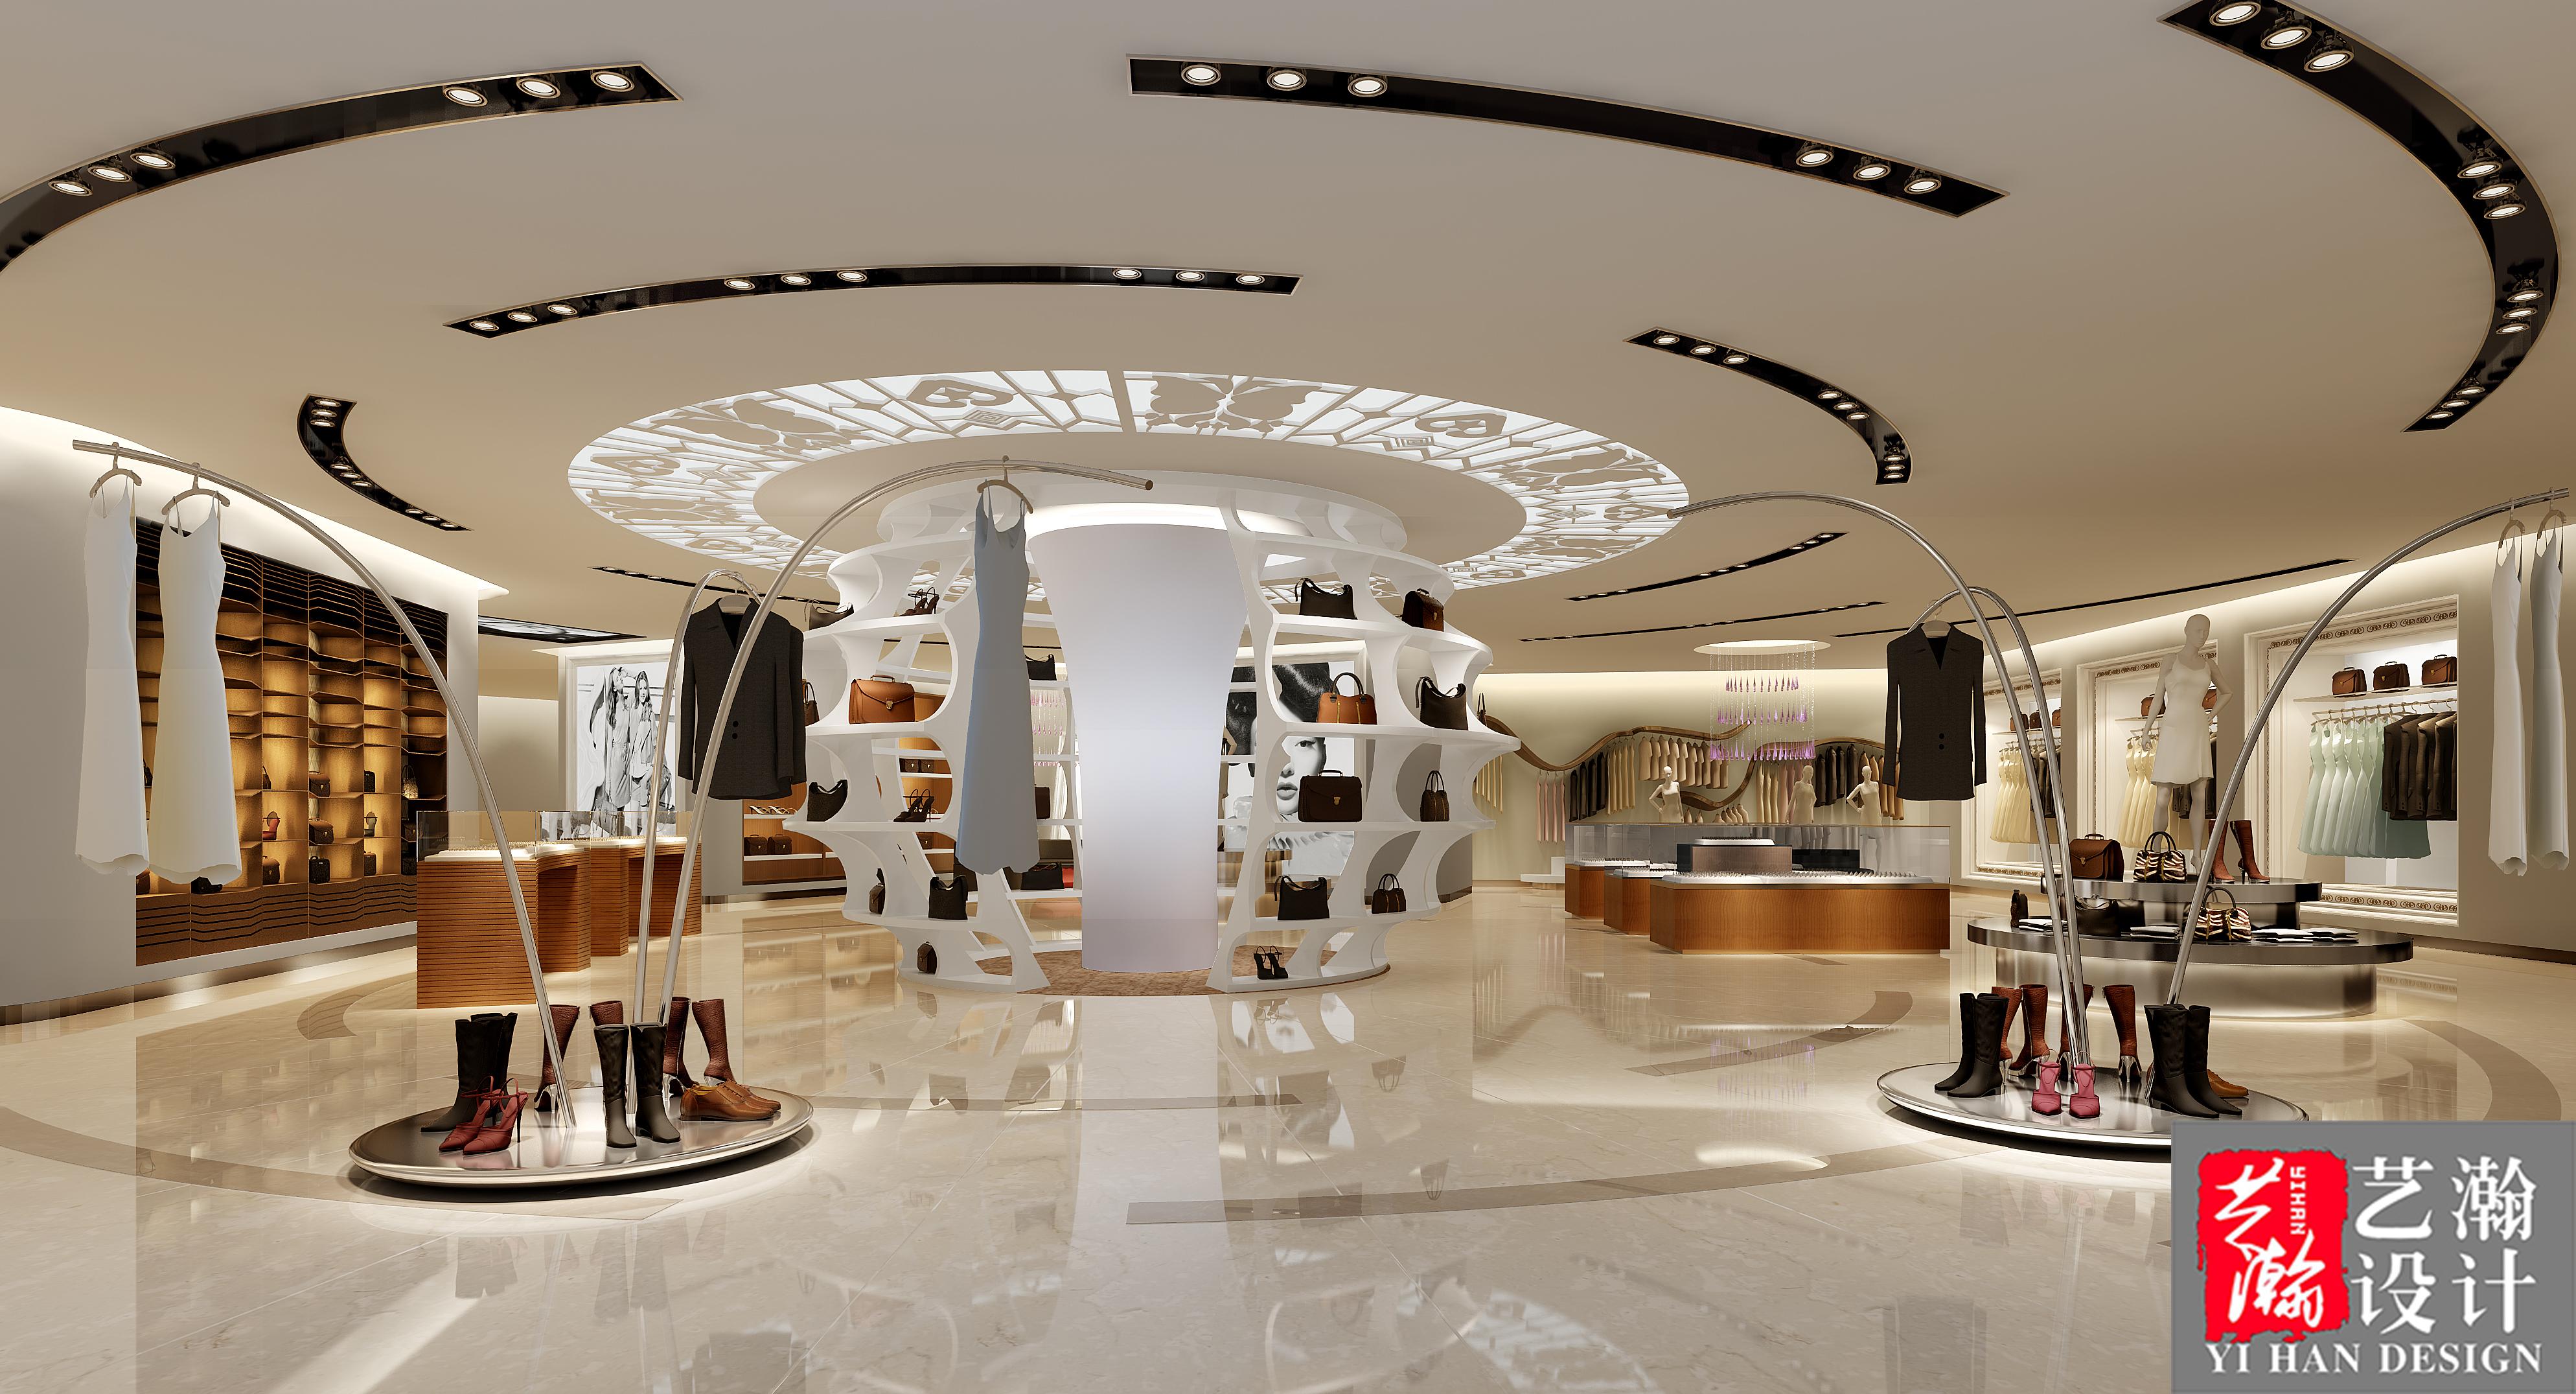 服装店装修设计品牌定位设计师男装女装店童装店铺内衣店包包设计